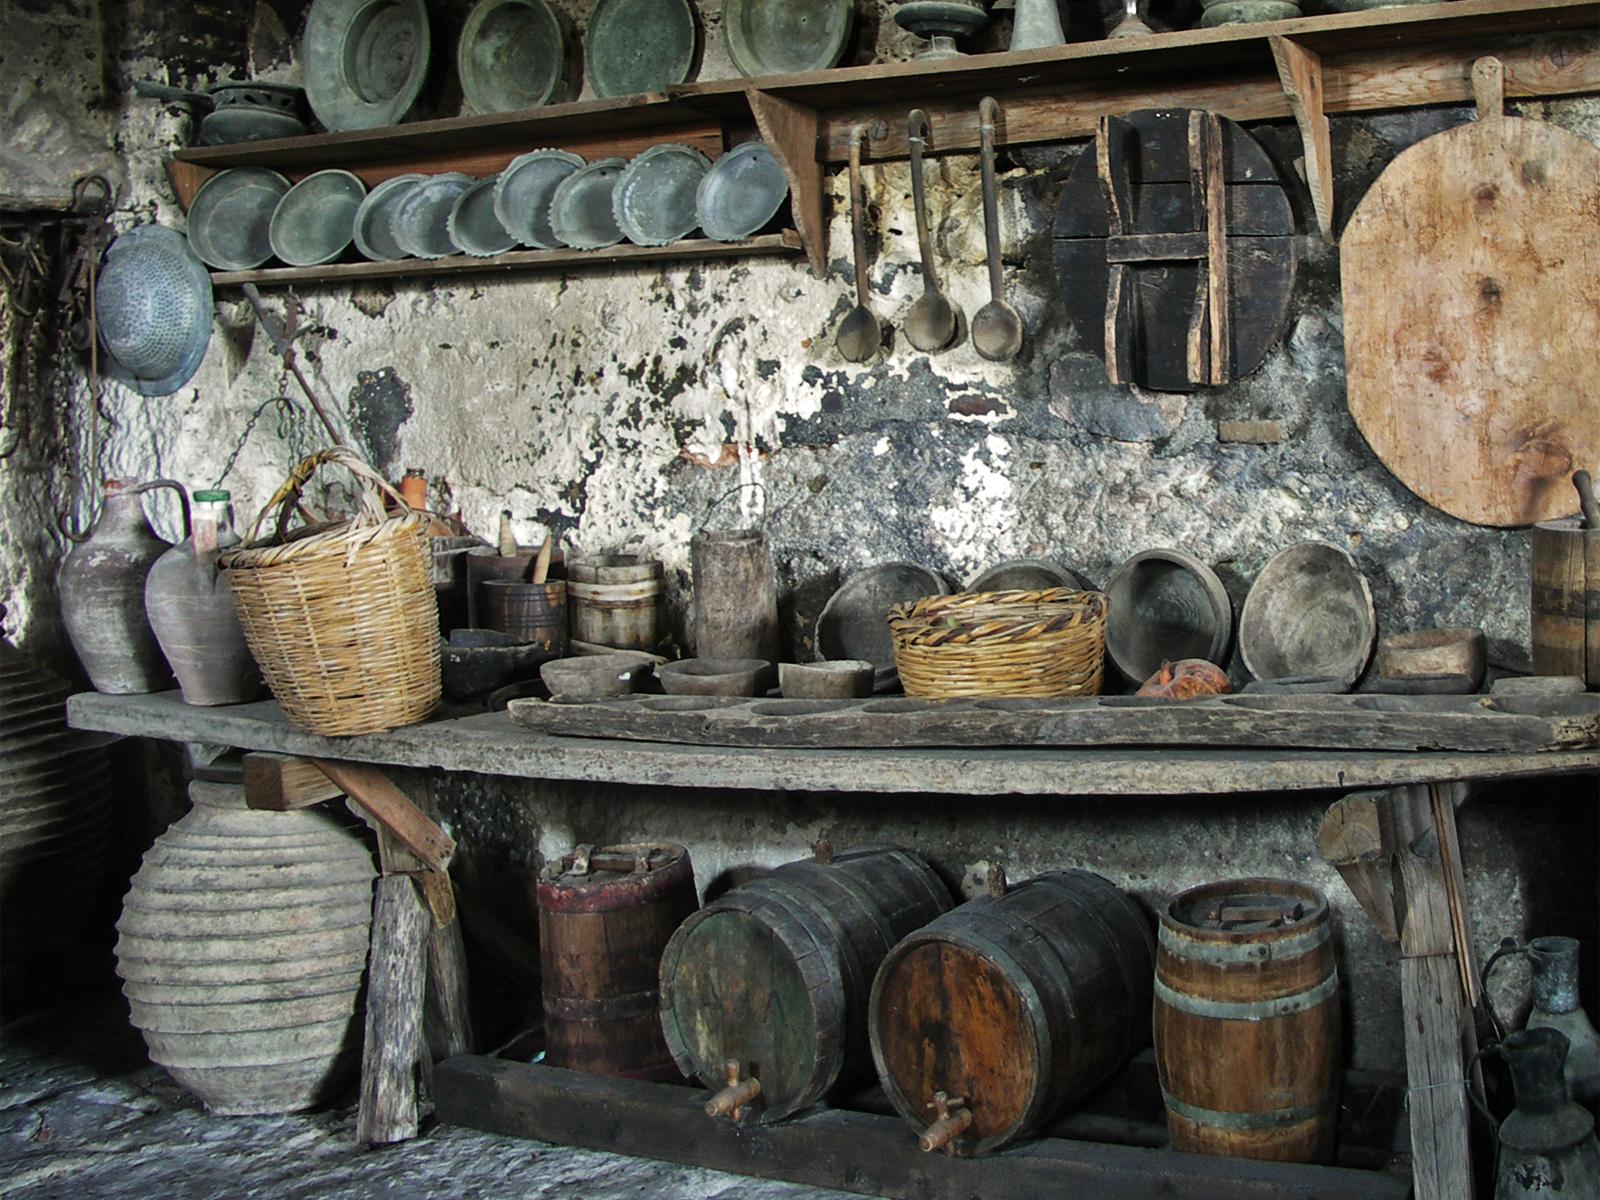 Old Kitchen Transformation Asto0oka World